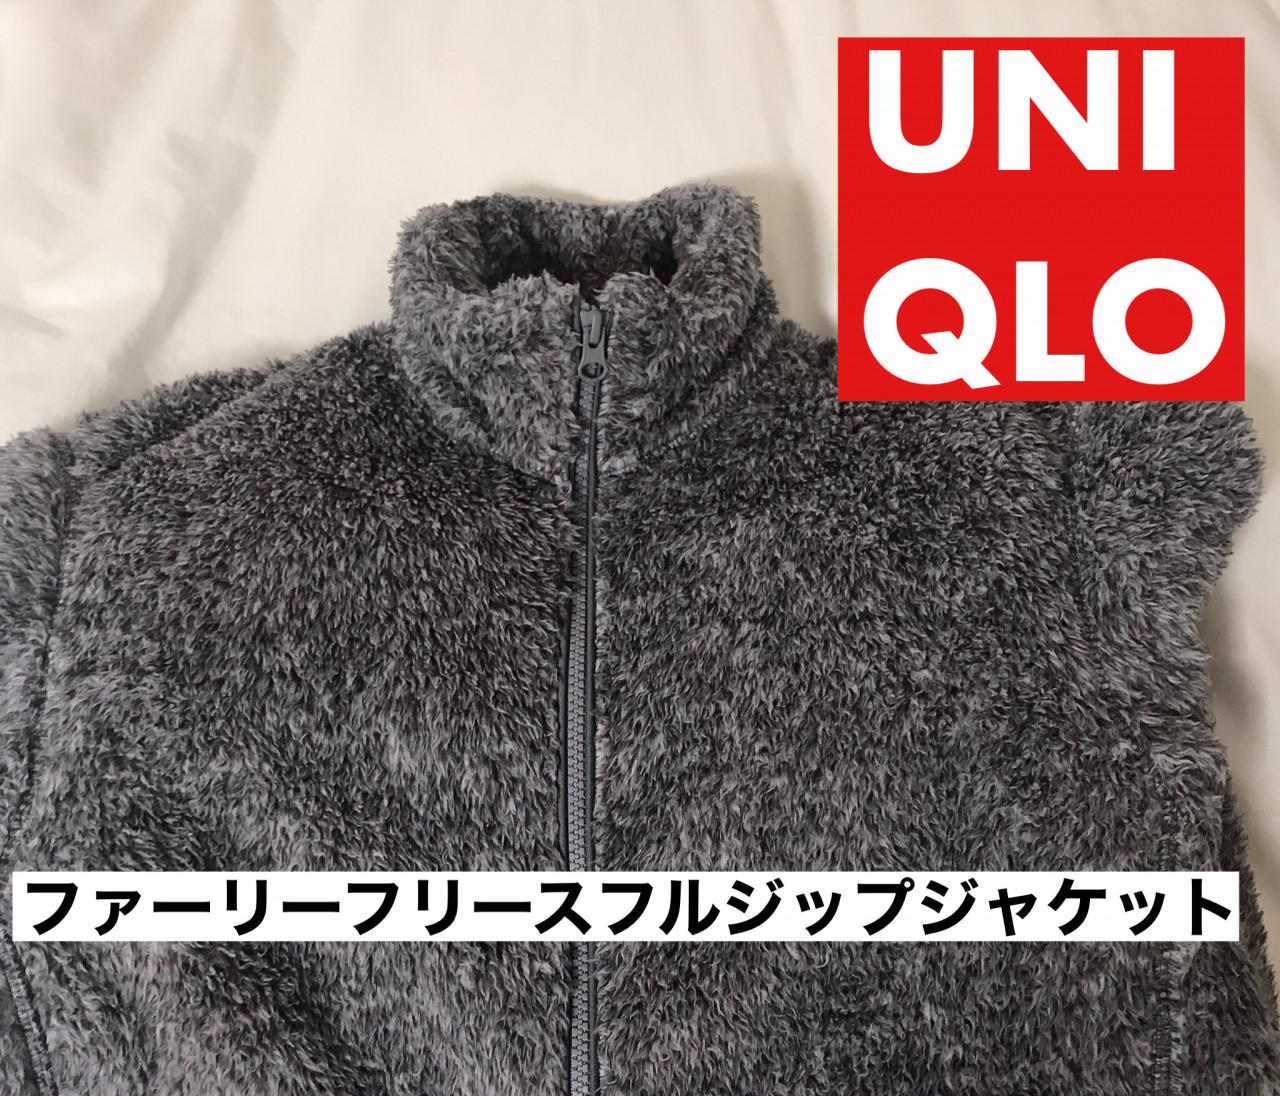 【12月10日まで限定価格】あったかUNIQLOフリース♡